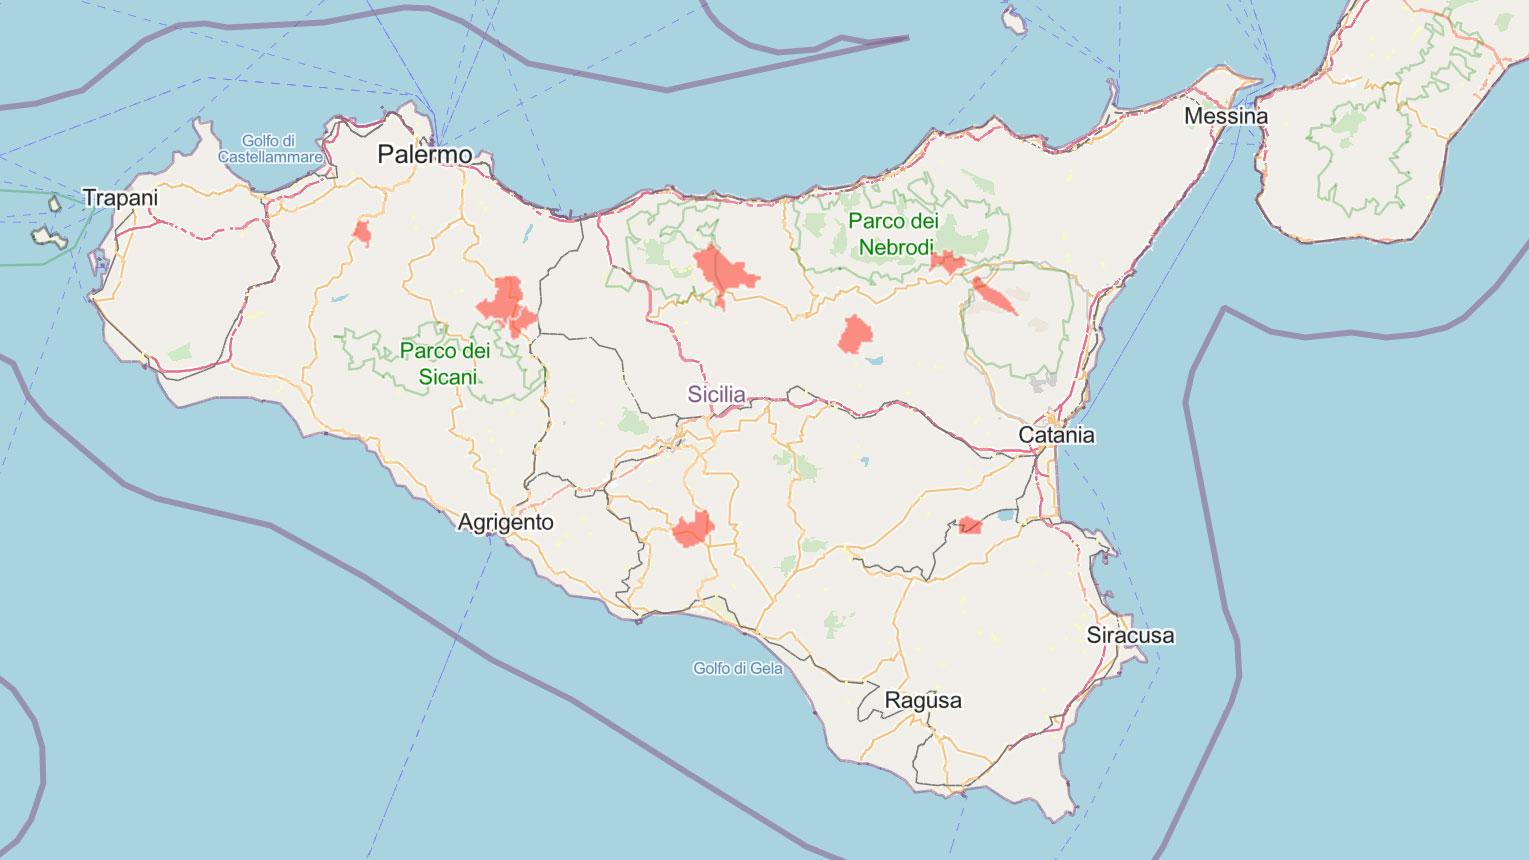 mappa delle zone rosse in sicilia aggiornata al 28 maggio